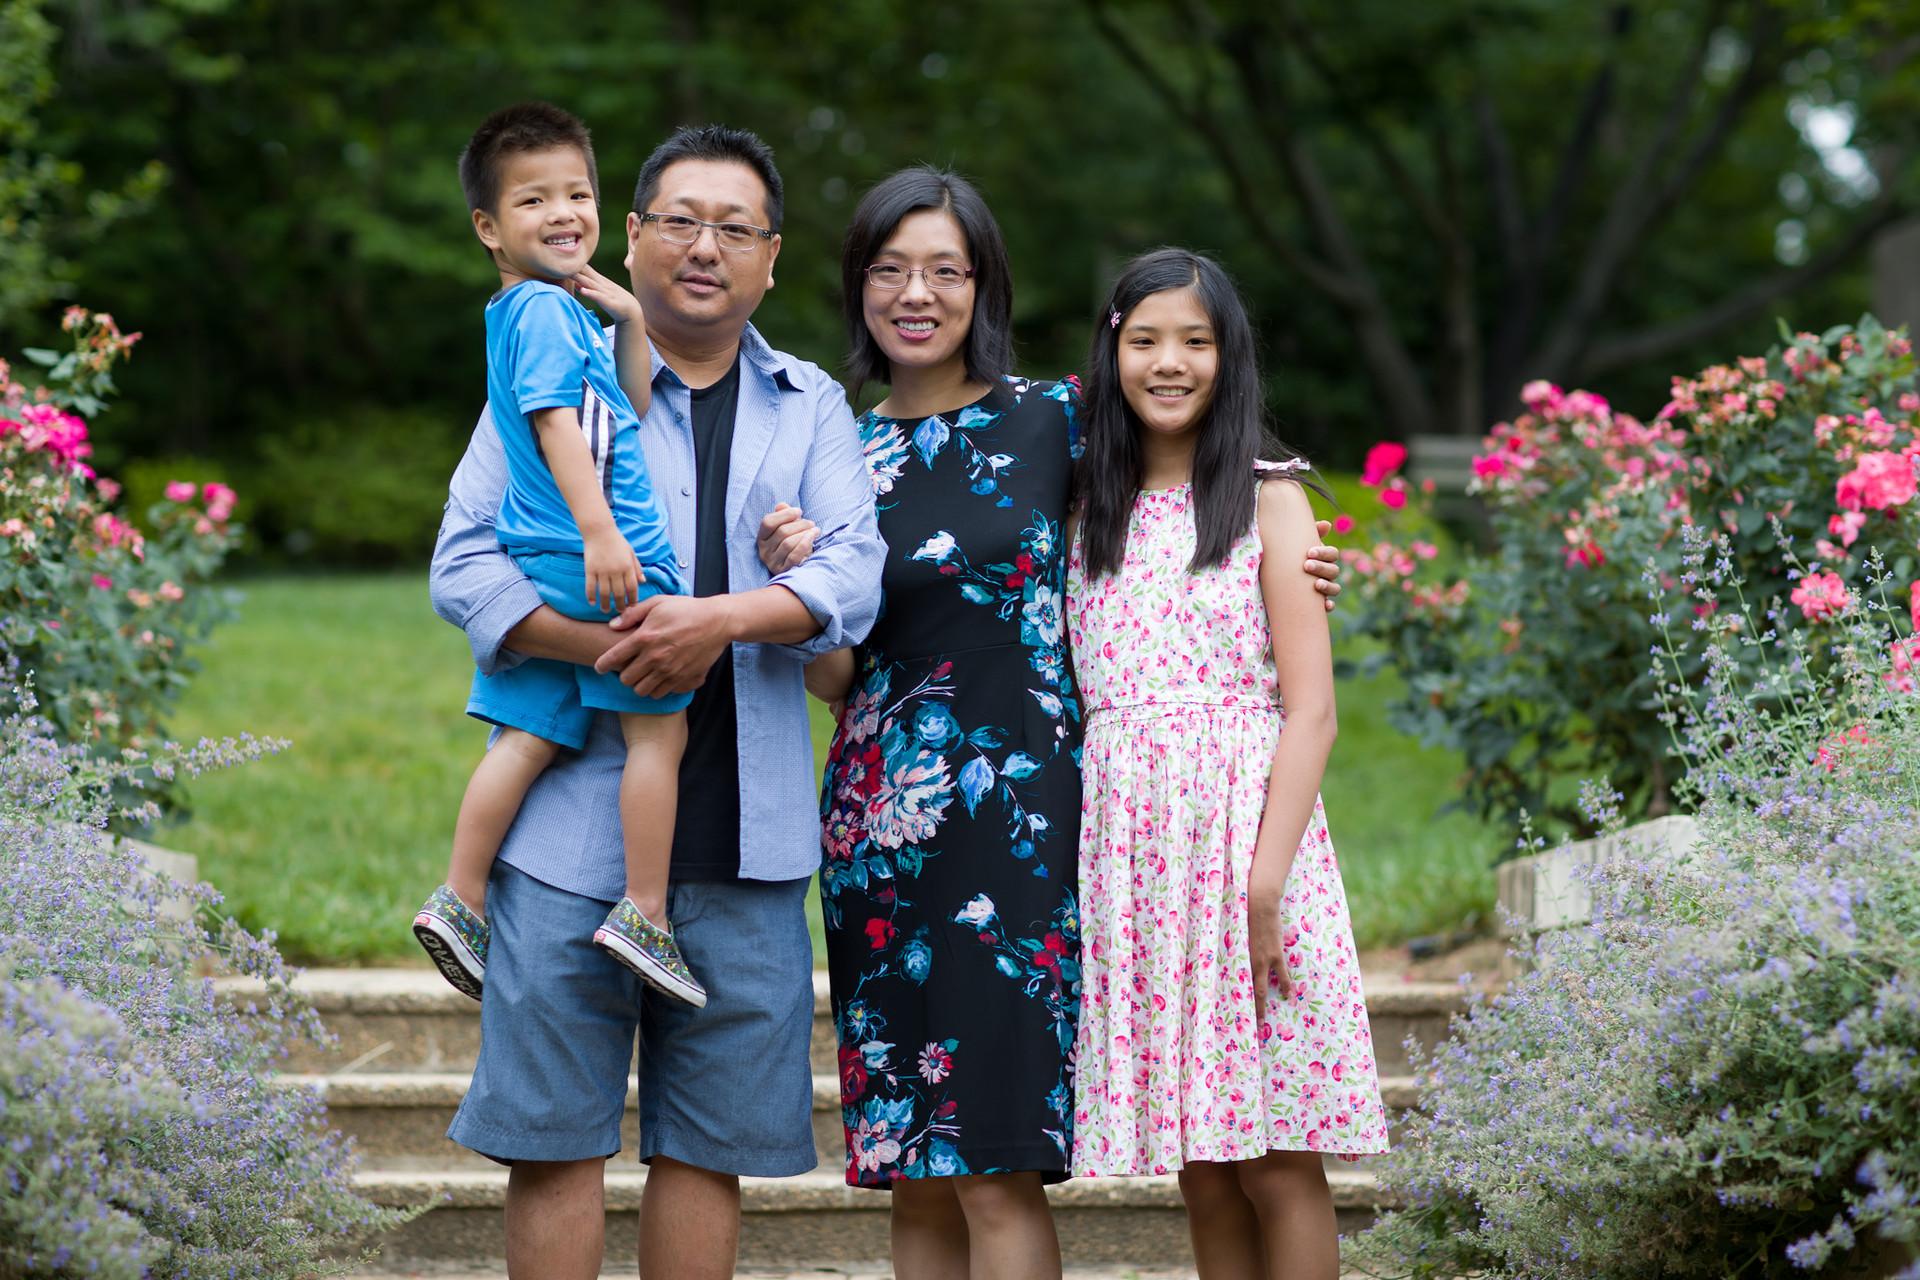 2016-07-03 - Wen Qun Family - 00003.JPG